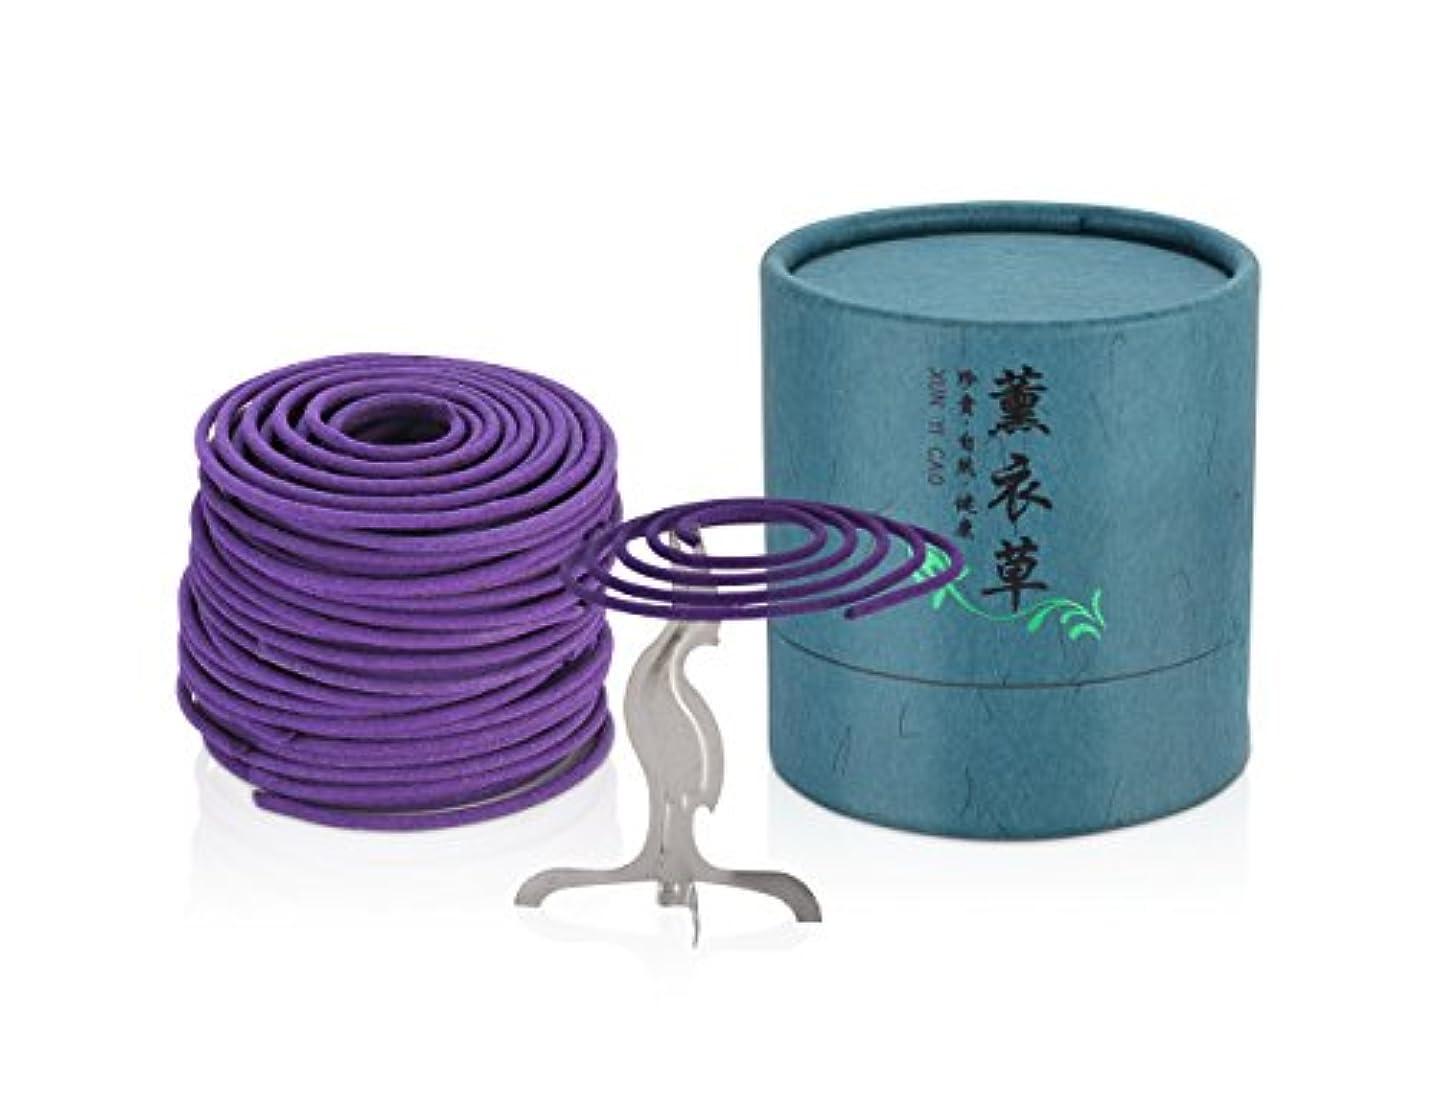 部屋を掃除する道徳の休眠(Lavender) - Xujia Lavender Incense Coils,Zen Buddhist Coils Incense for Burner